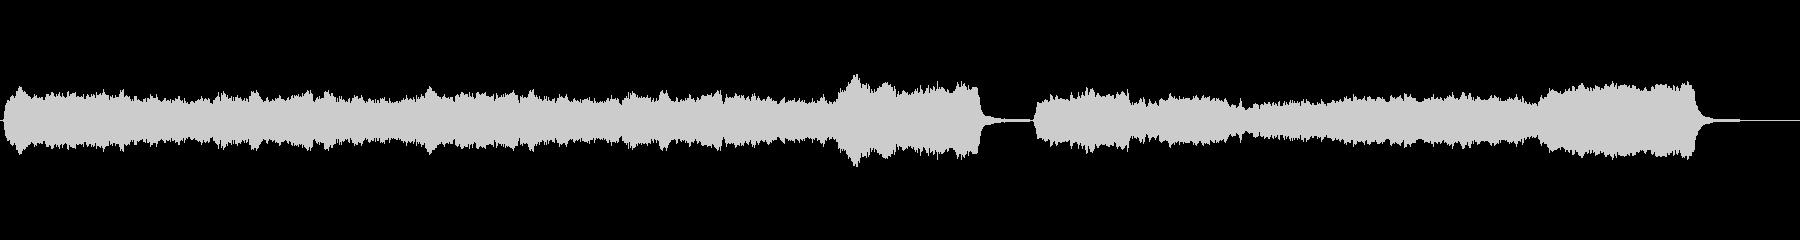 神々しいパイプオルガンのBGMの未再生の波形